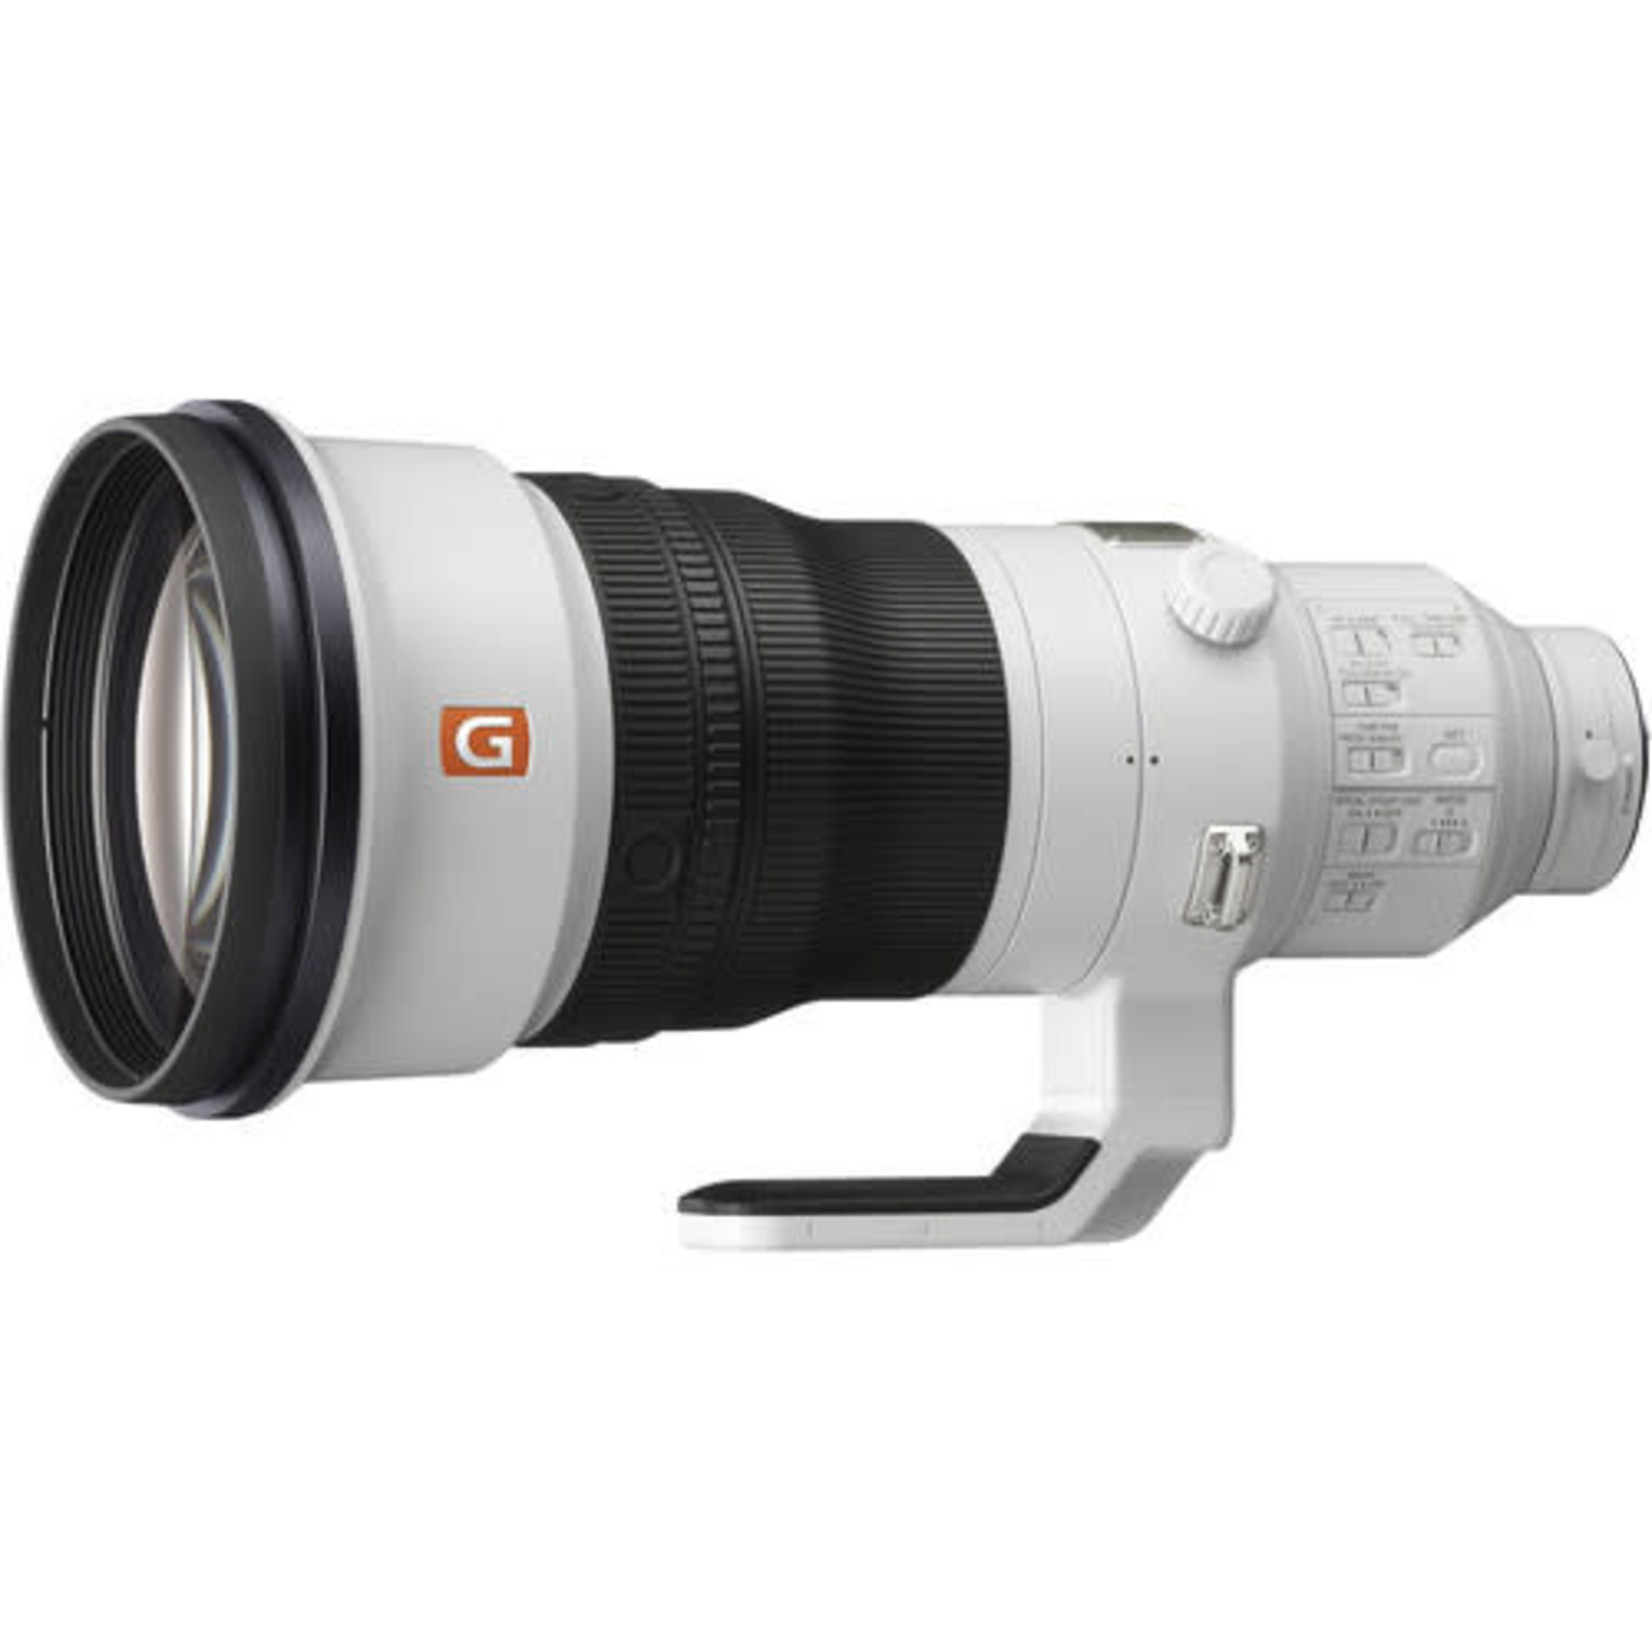 Sony Sony FE 400mm f/2.8 GM OSS Lens